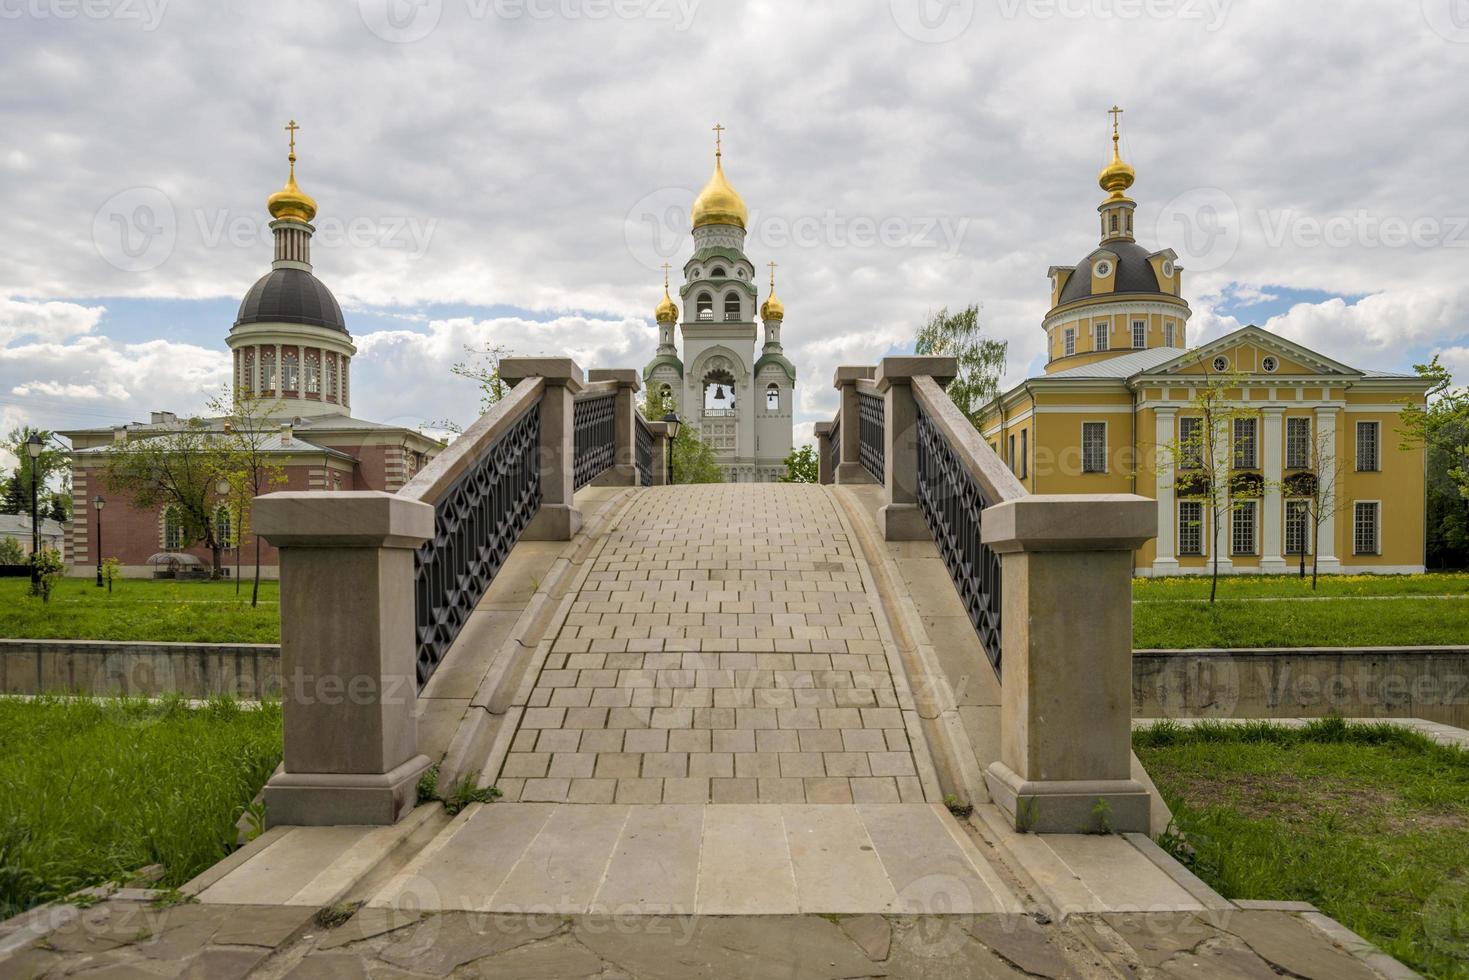 oude Russisch-orthodoxe kerk in het klooster foto